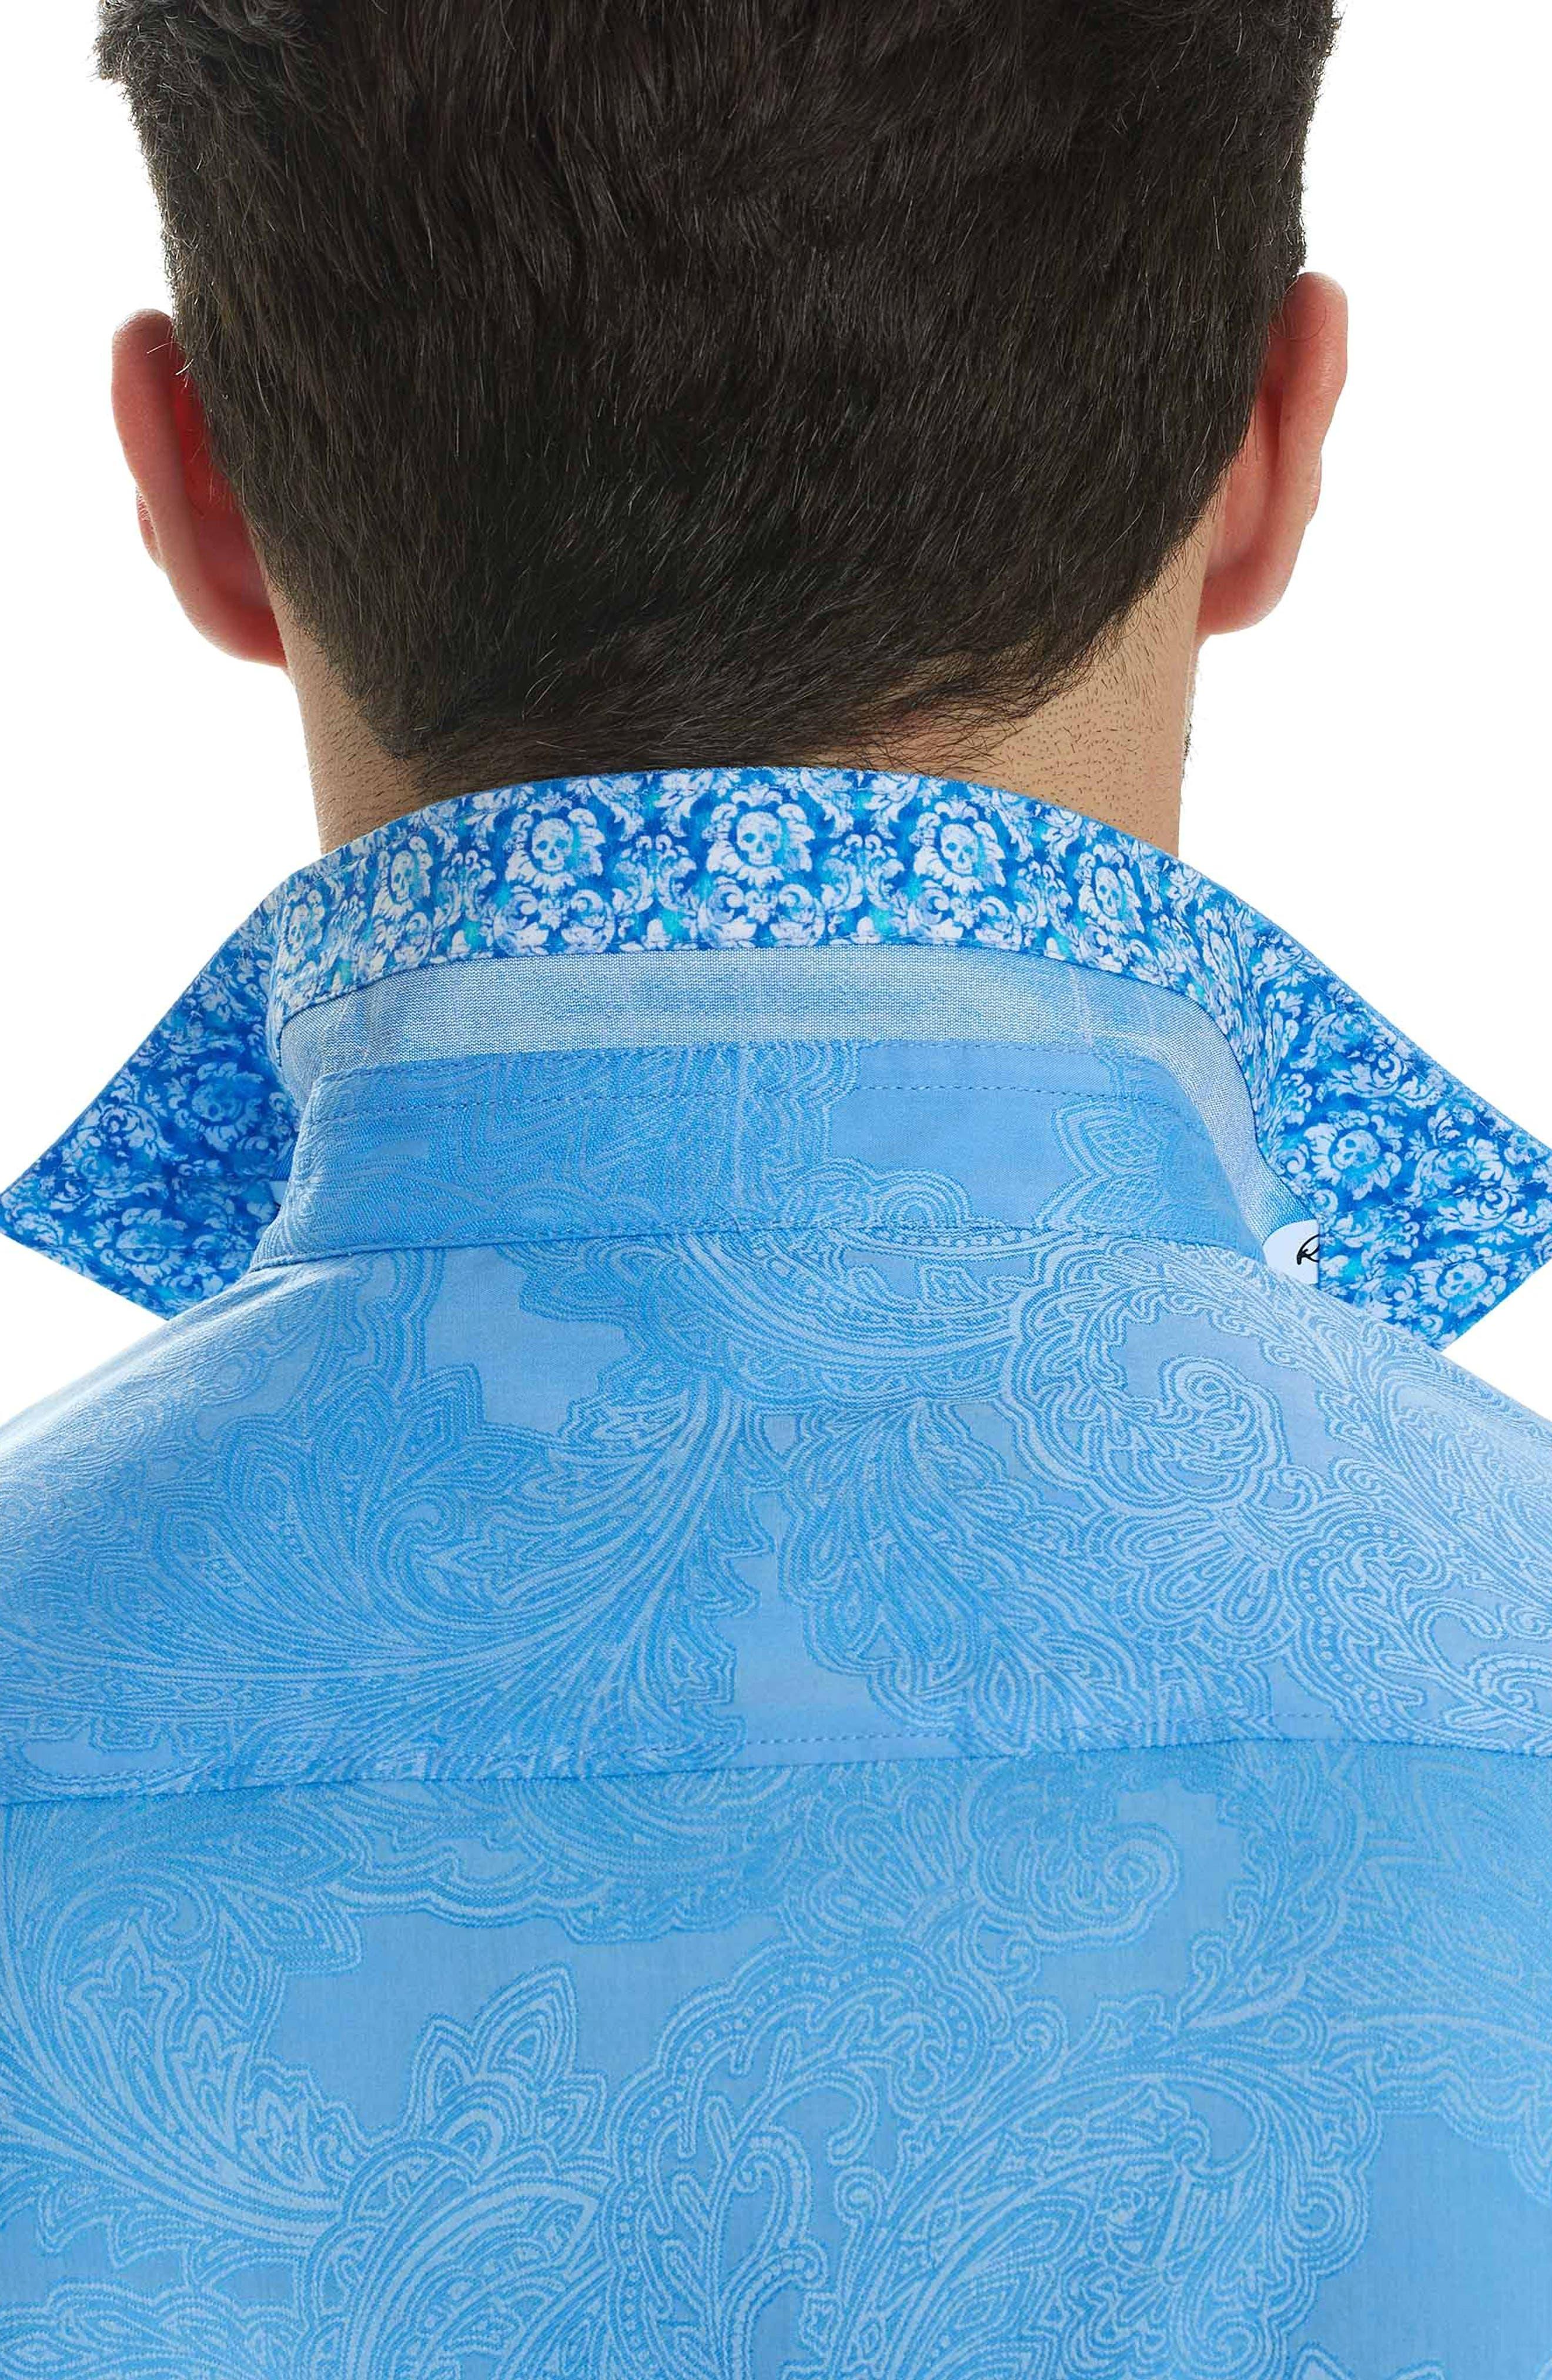 Rosendale Classic Fit Jacquard Sport Shirt,                             Alternate thumbnail 3, color,                             Light Blue